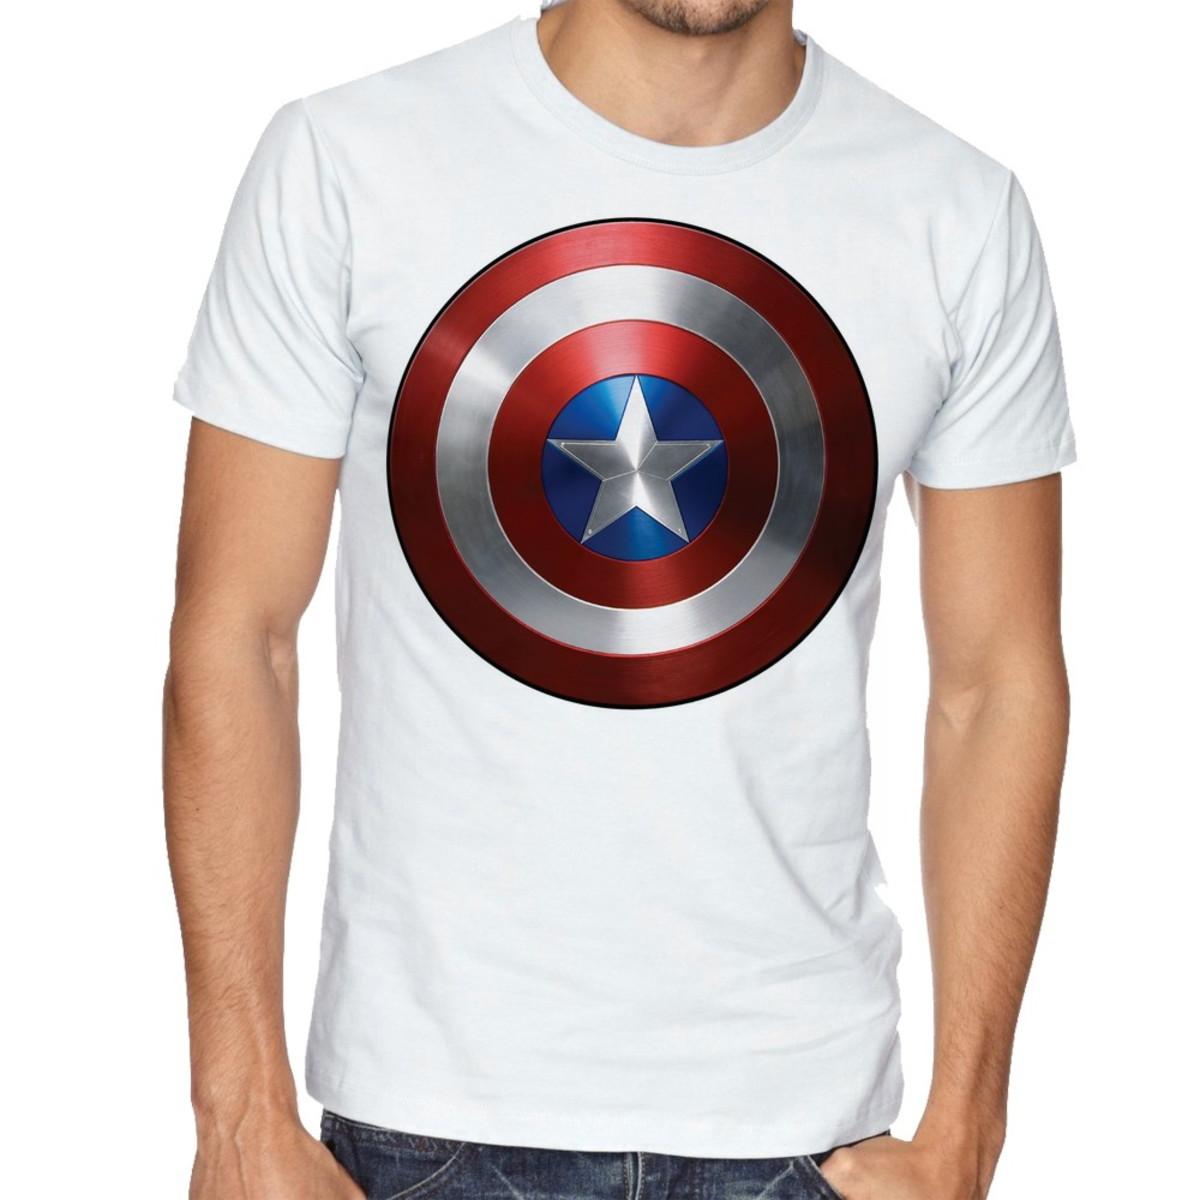 Camiseta Raglan Blusa Camisa Unissex Capitao America Escudo No